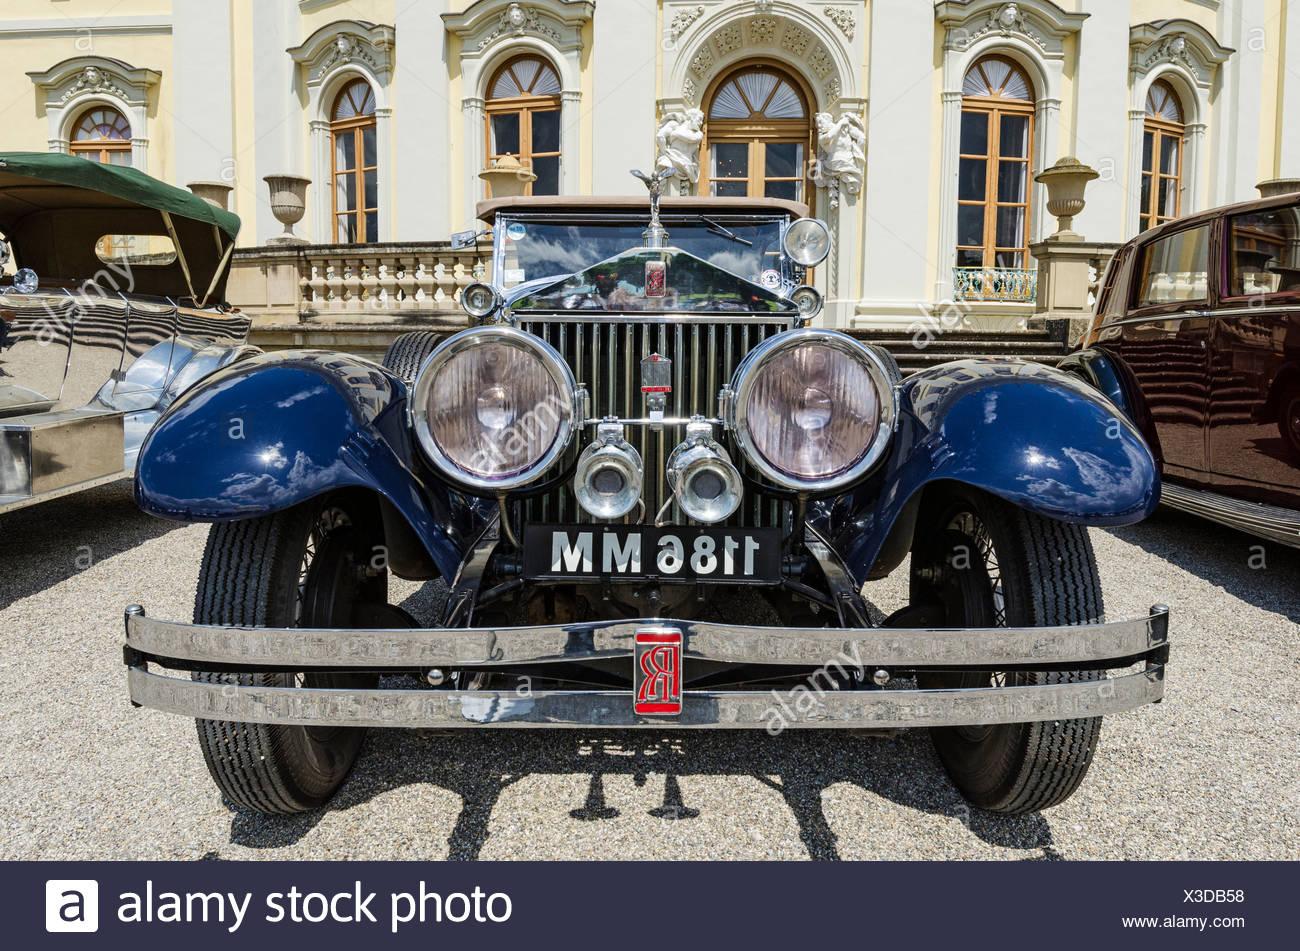 Vue avant d'une voiture classique de Rolls-Royce, classiques répond aux voitures classiques Barock réunion, Ludwigsbourg, région administrative de Photo Stock